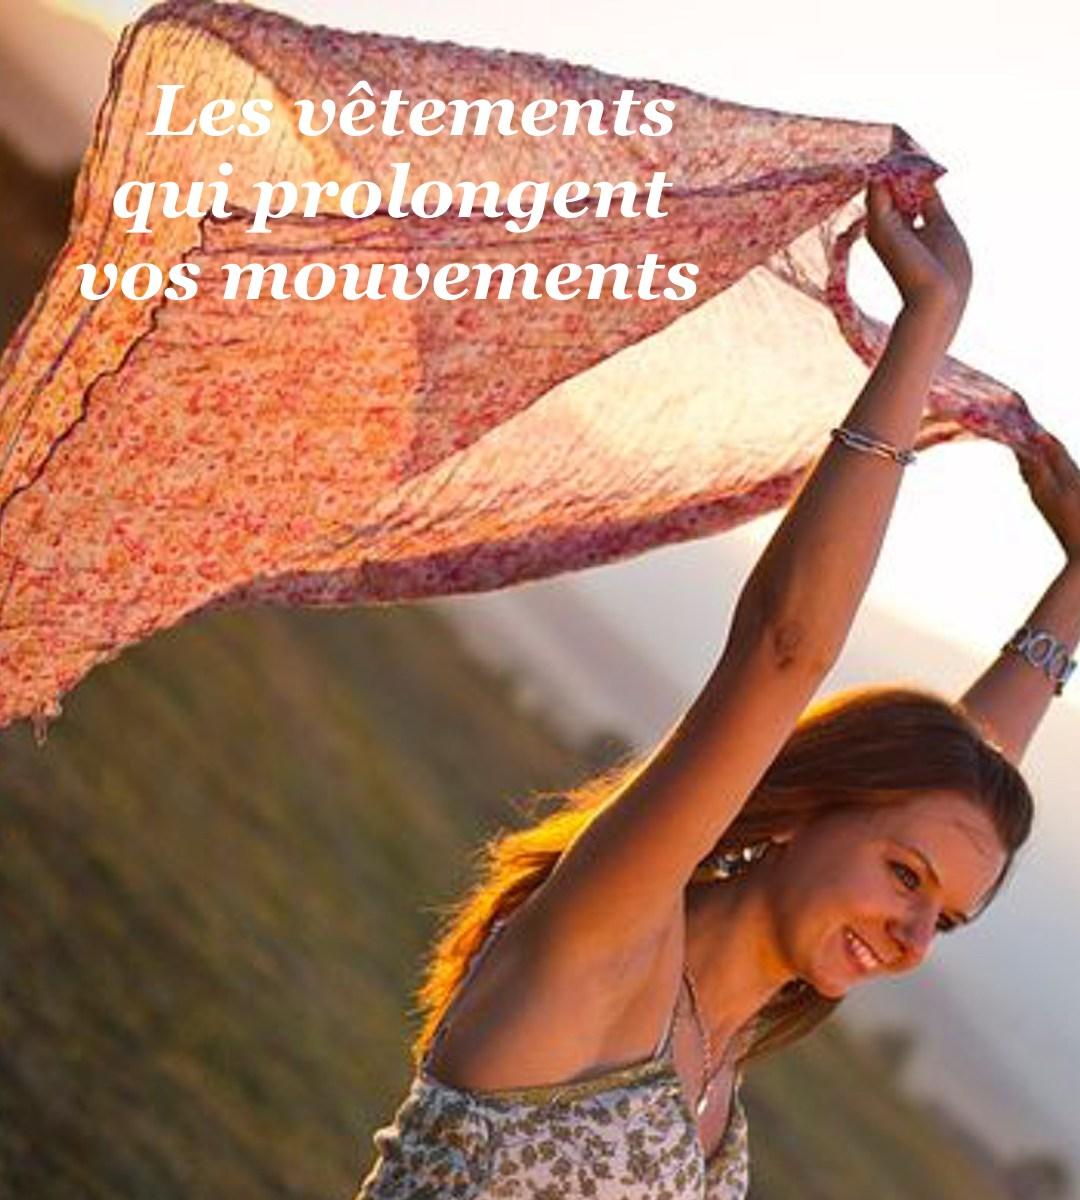 Vêtement-mouvement